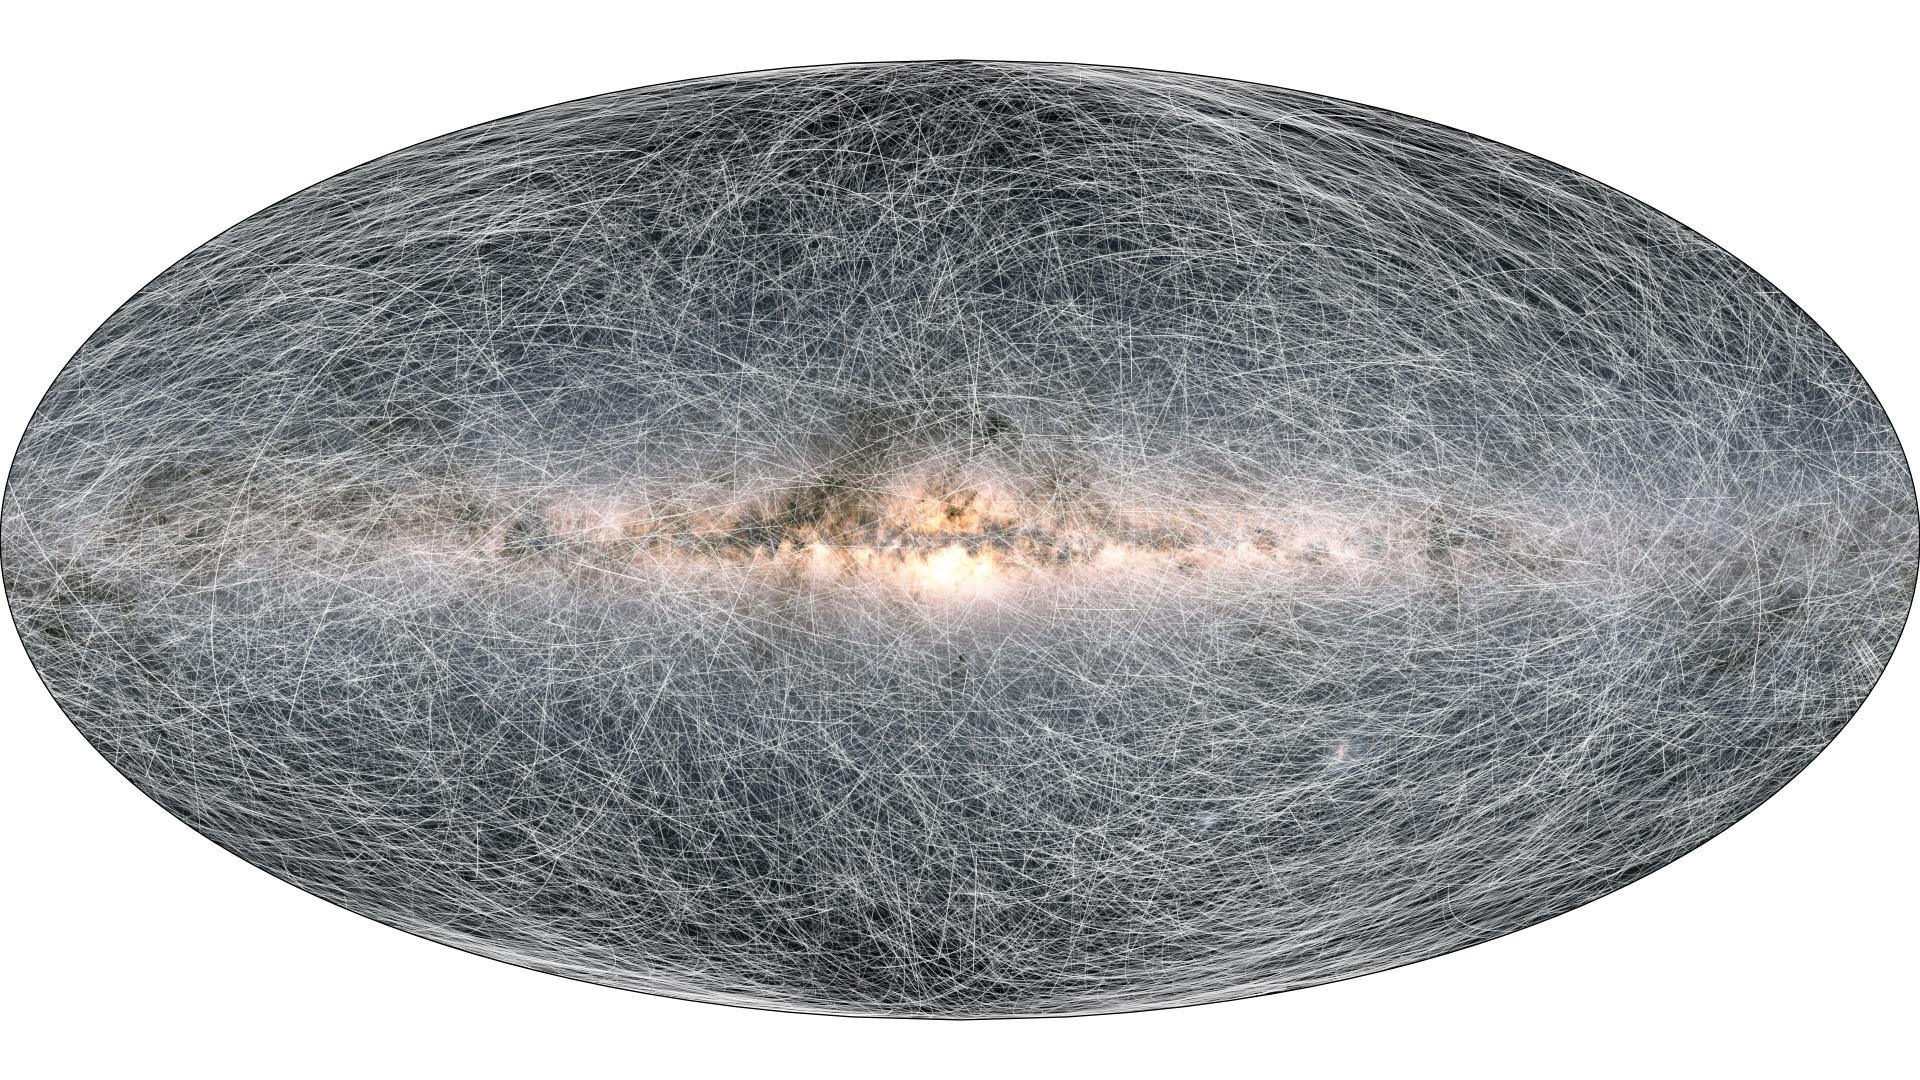 Cette image montre les trajectoires de 40 000 étoiles situées à moins de 326 années-lumière de notre système solaire au cours des 400 000 prochaines années, d'après les mesures et les projections du vaisseau spatial Gaia de l'Agence spatiale européenne.